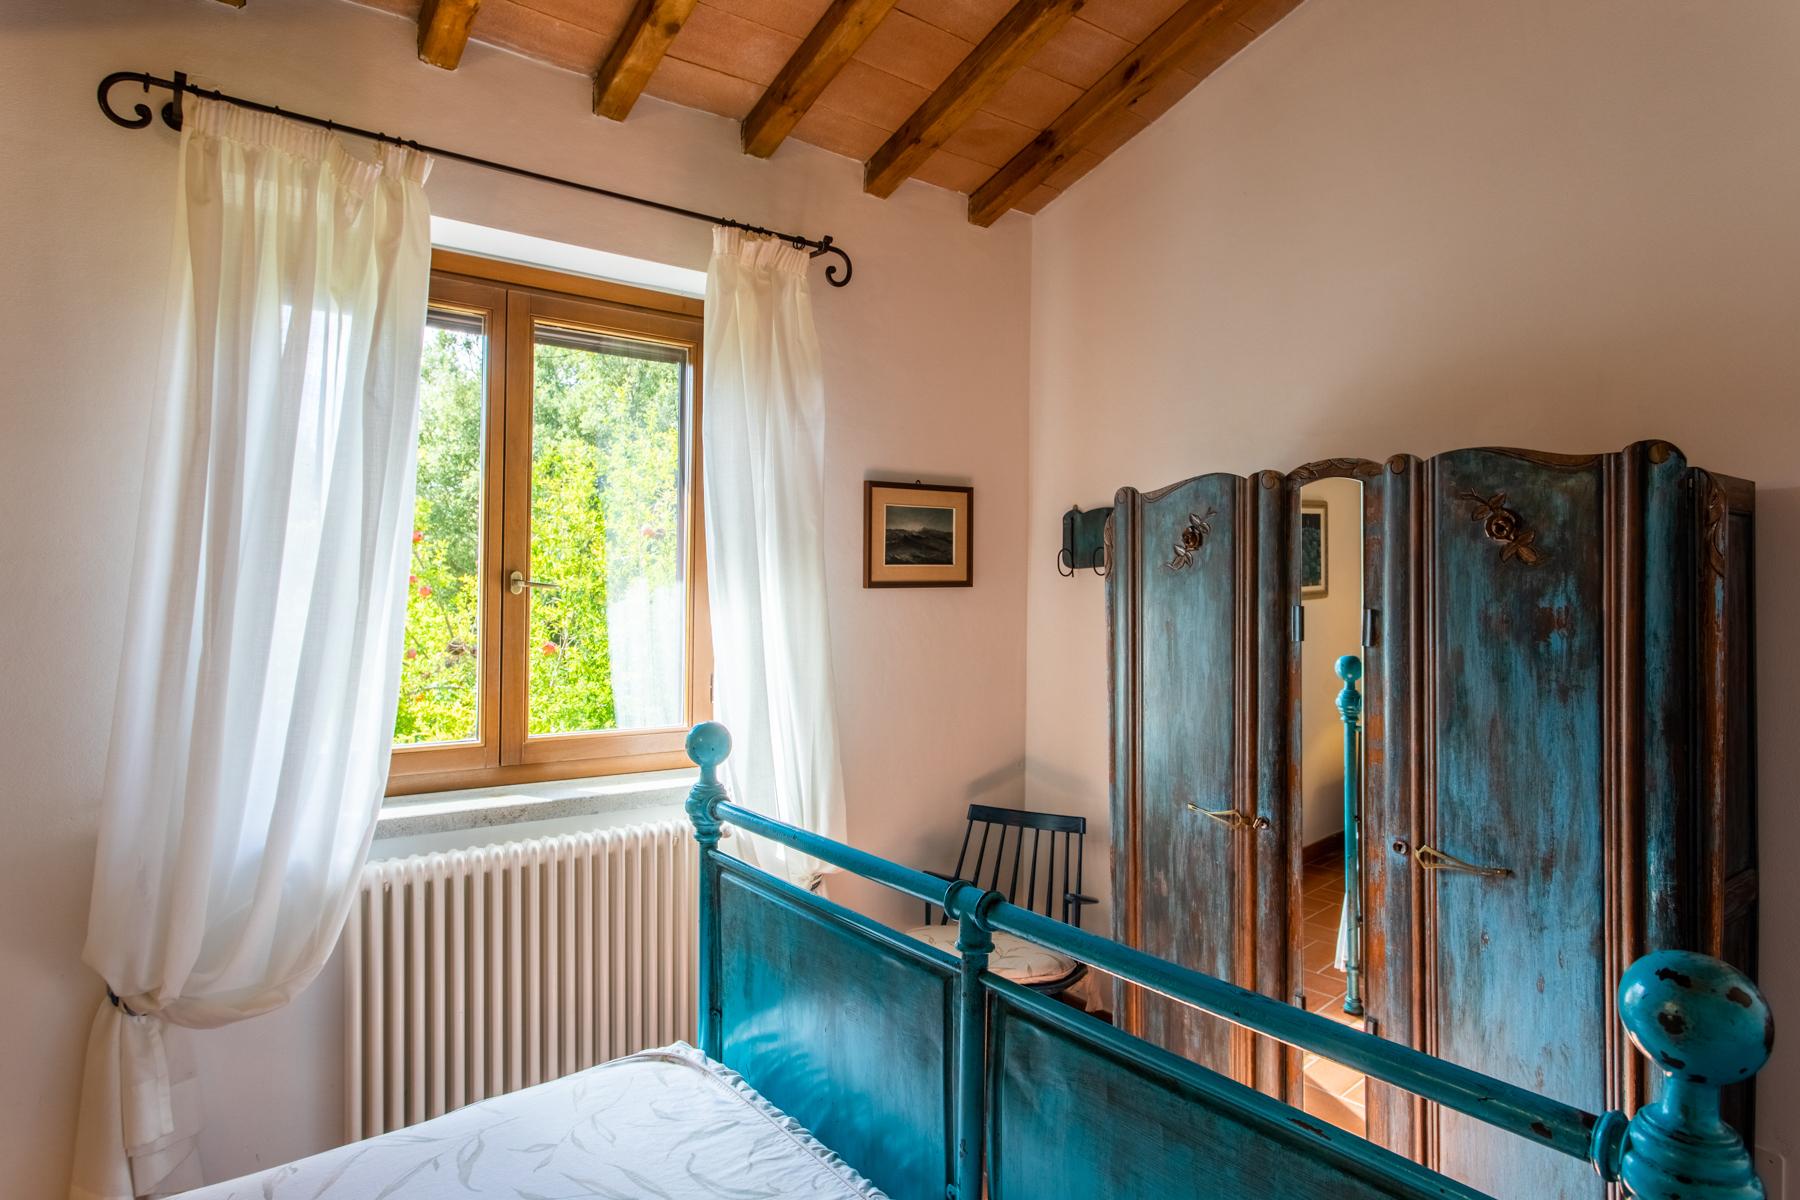 Rustico in Vendita a Manciano: 5 locali, 520 mq - Foto 22